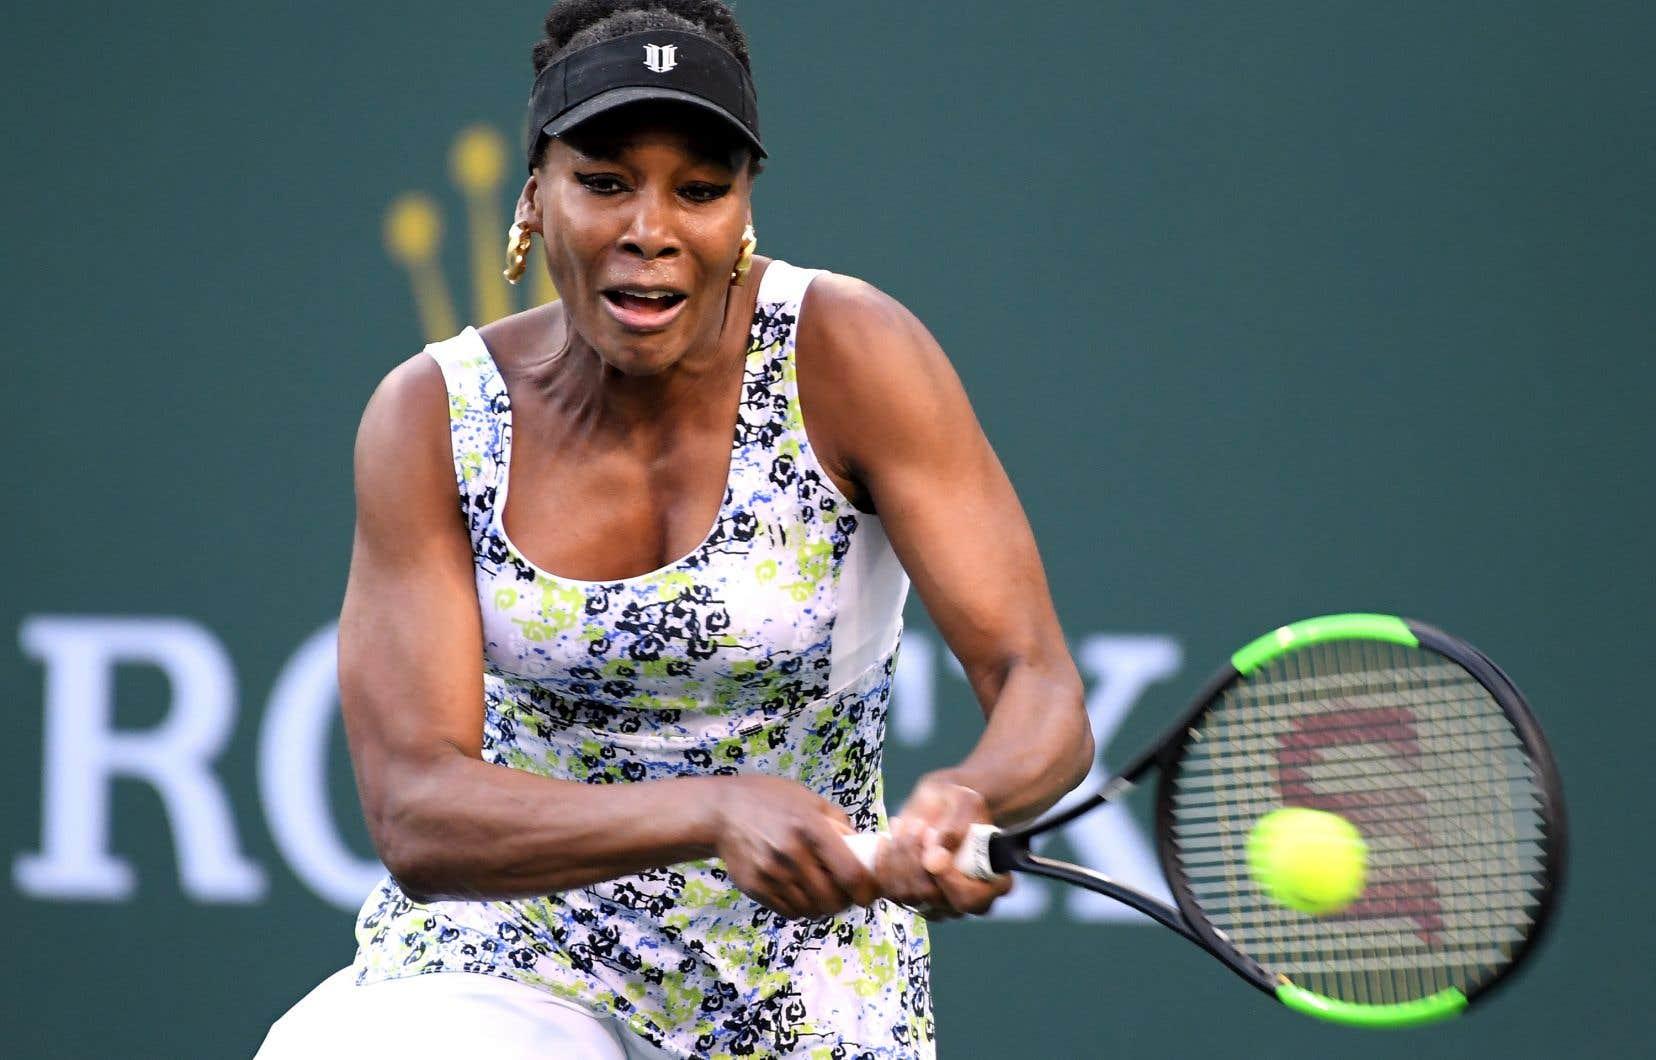 Venus Williams a mis 71 minutes pour vaincre Suarez Navarro pour la quatrième fois d'affilée, jeudi.